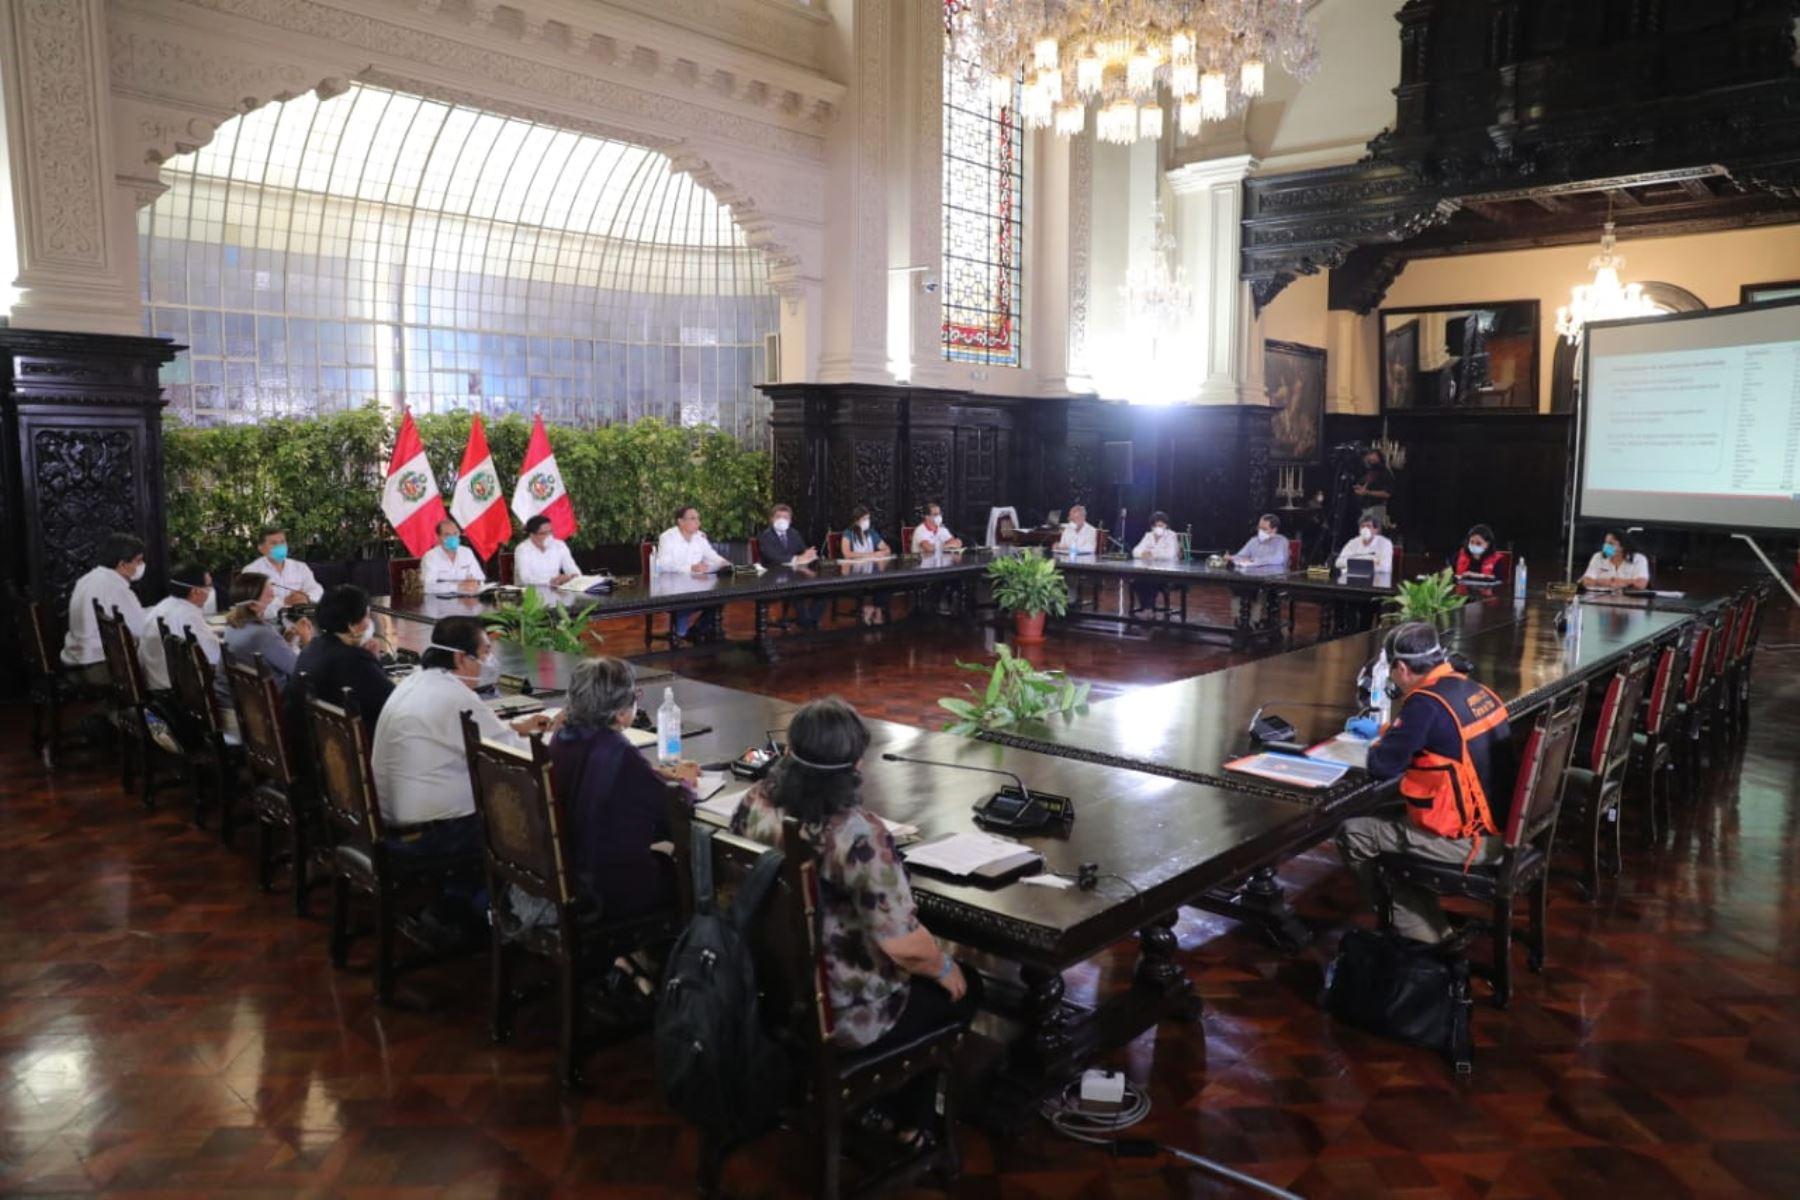 El presidente de la República, Martín Vizcarra, y el jefe del Gabinete Ministerial, Vicente Zeballos, informan las medidas del estado de emergencia nacional. Foto: ANDINA/ Prensa Presidencia